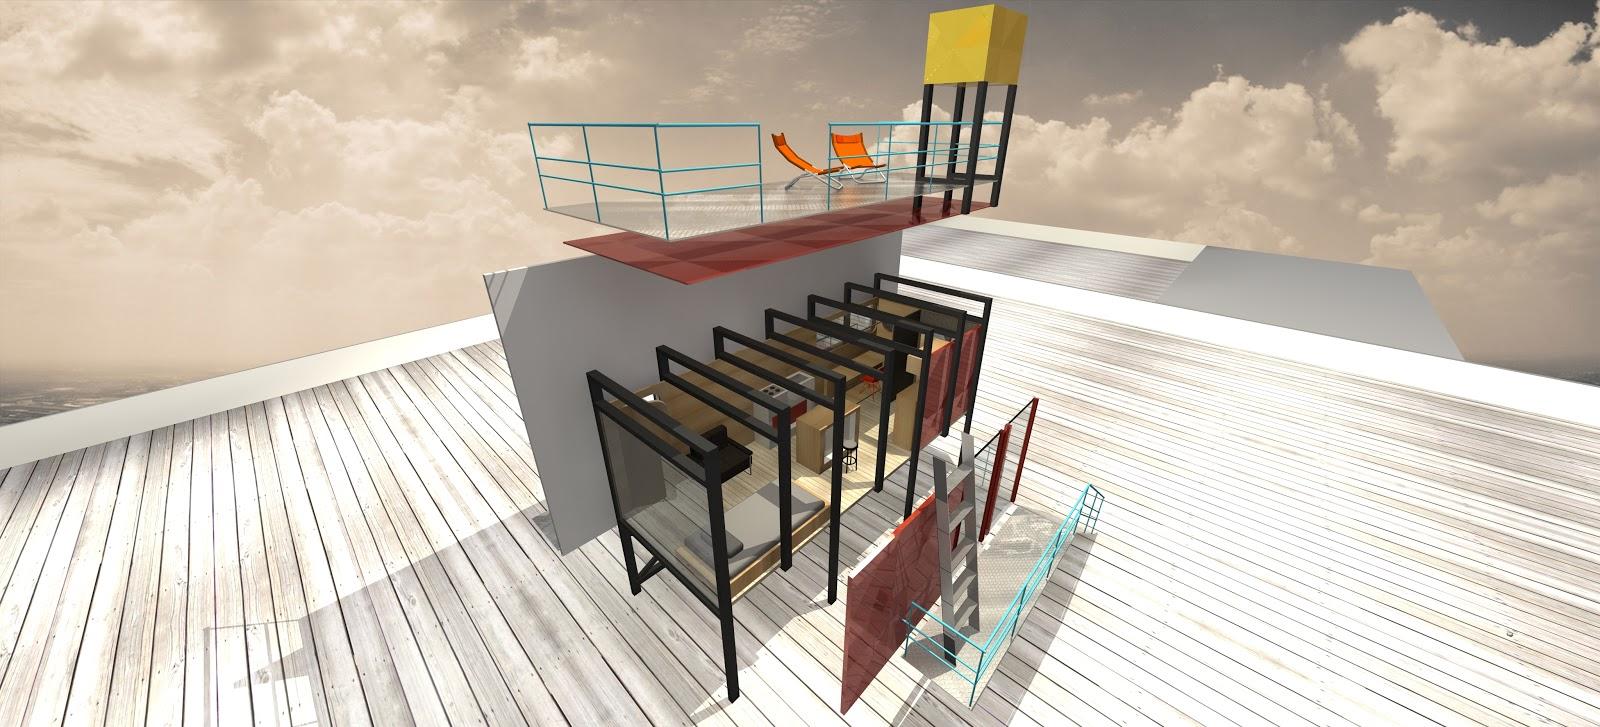 *藝術家 julio gomez trevilla:廣告刊版的房子! 9